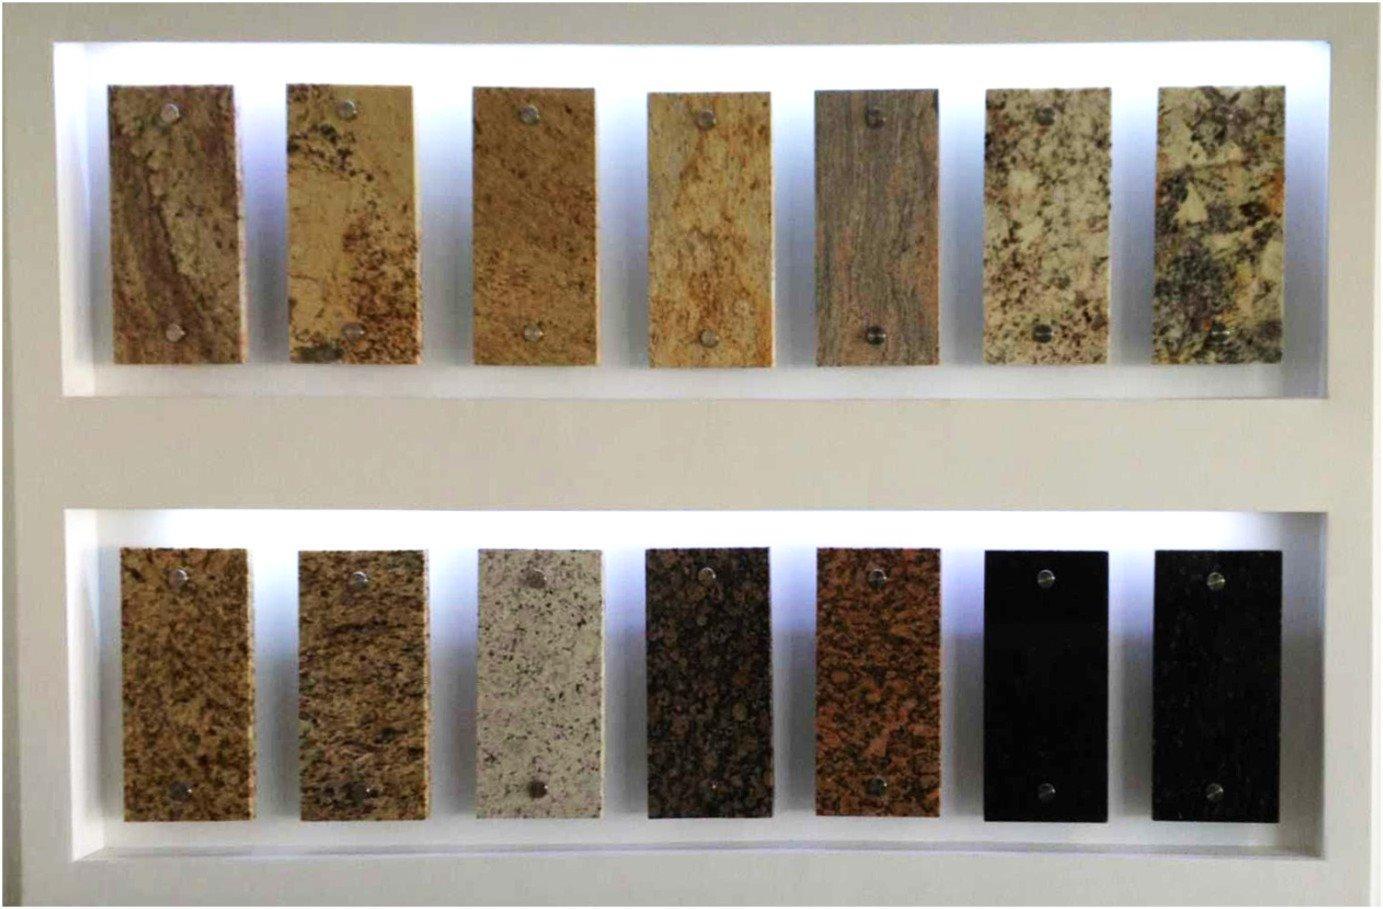 APEX Kitchen Cabinet and Granite Countertop image 0